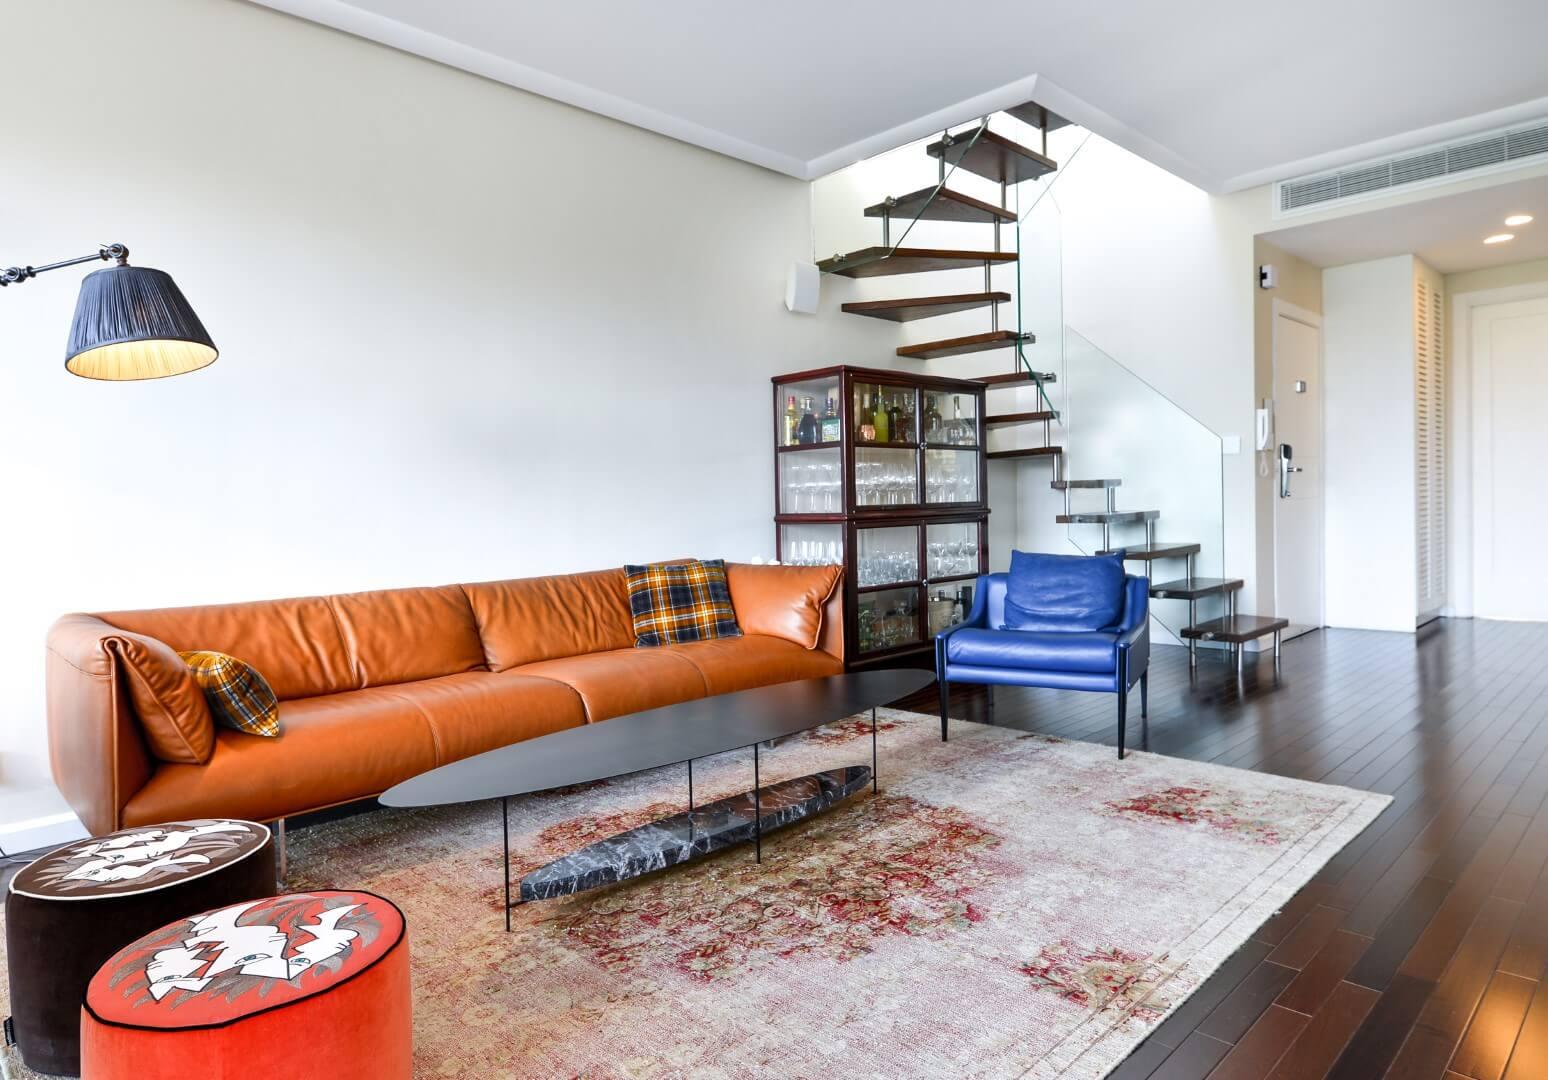 מדרגות צפות עם מדרכי עץ אלון בגוונים של כתום גס ומדבר ומעקה זכוכית בסלון